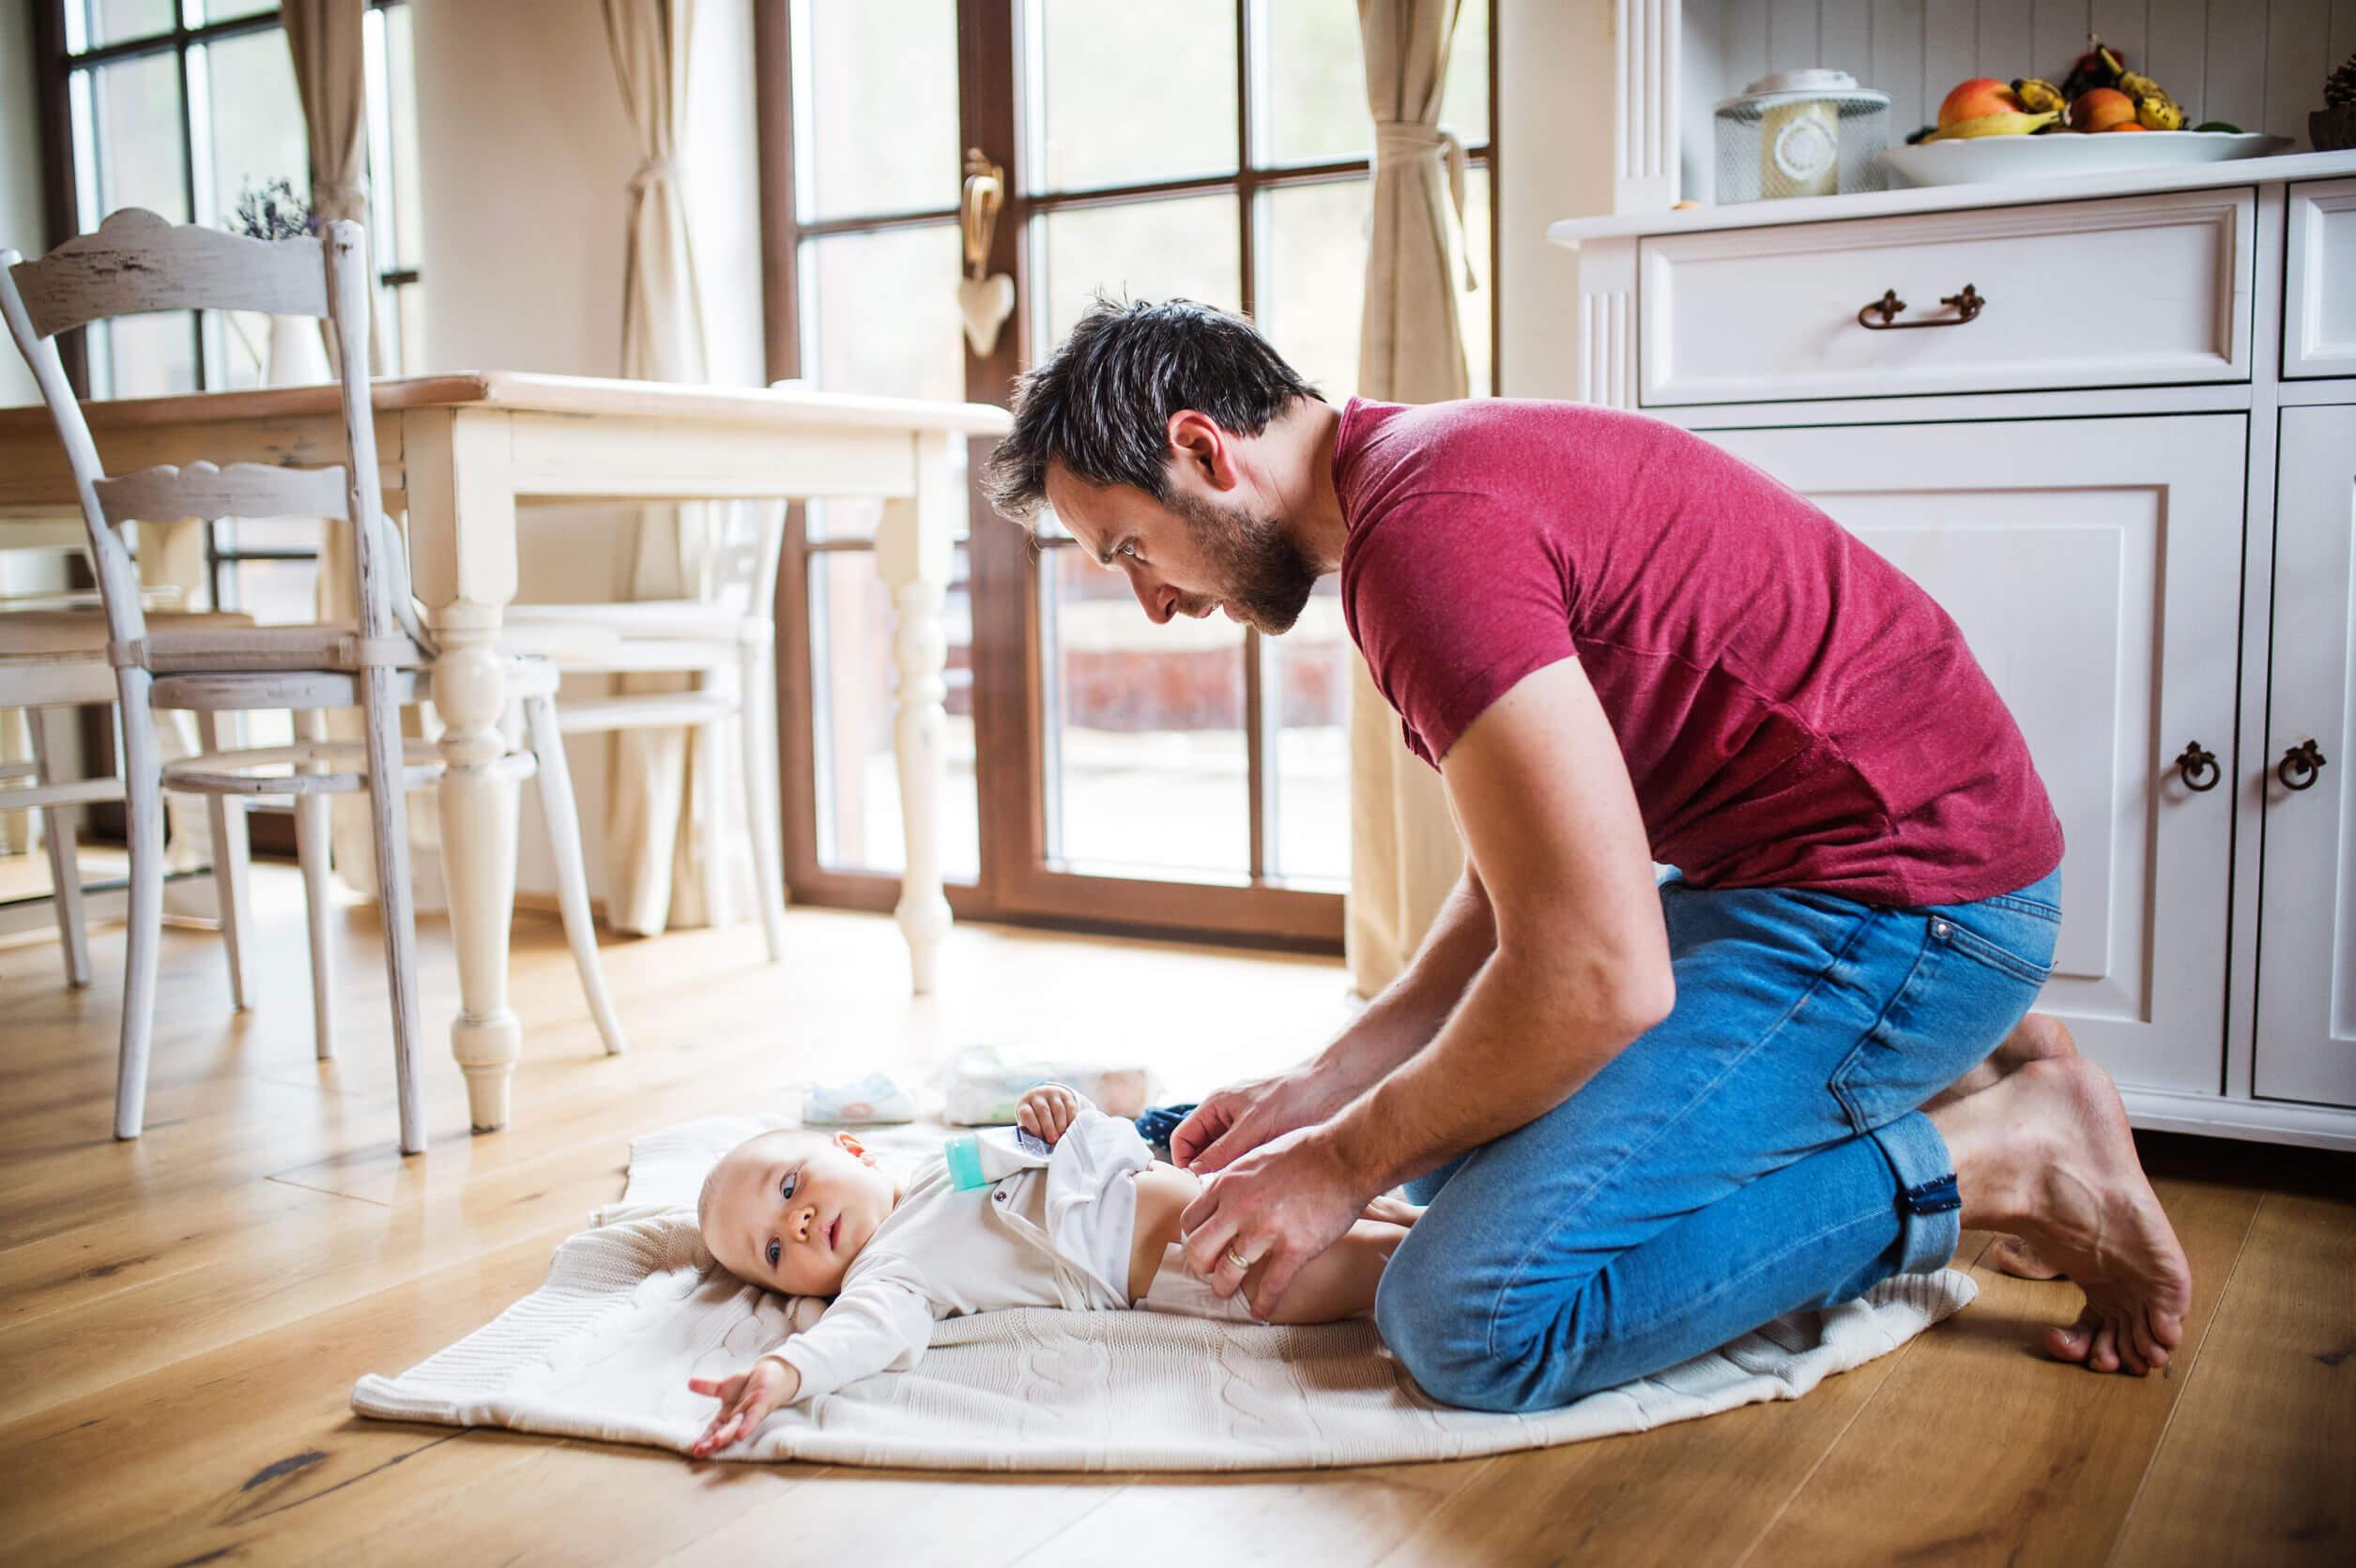 Al despertar al bebé para cambiarle el pañal puede llorar.